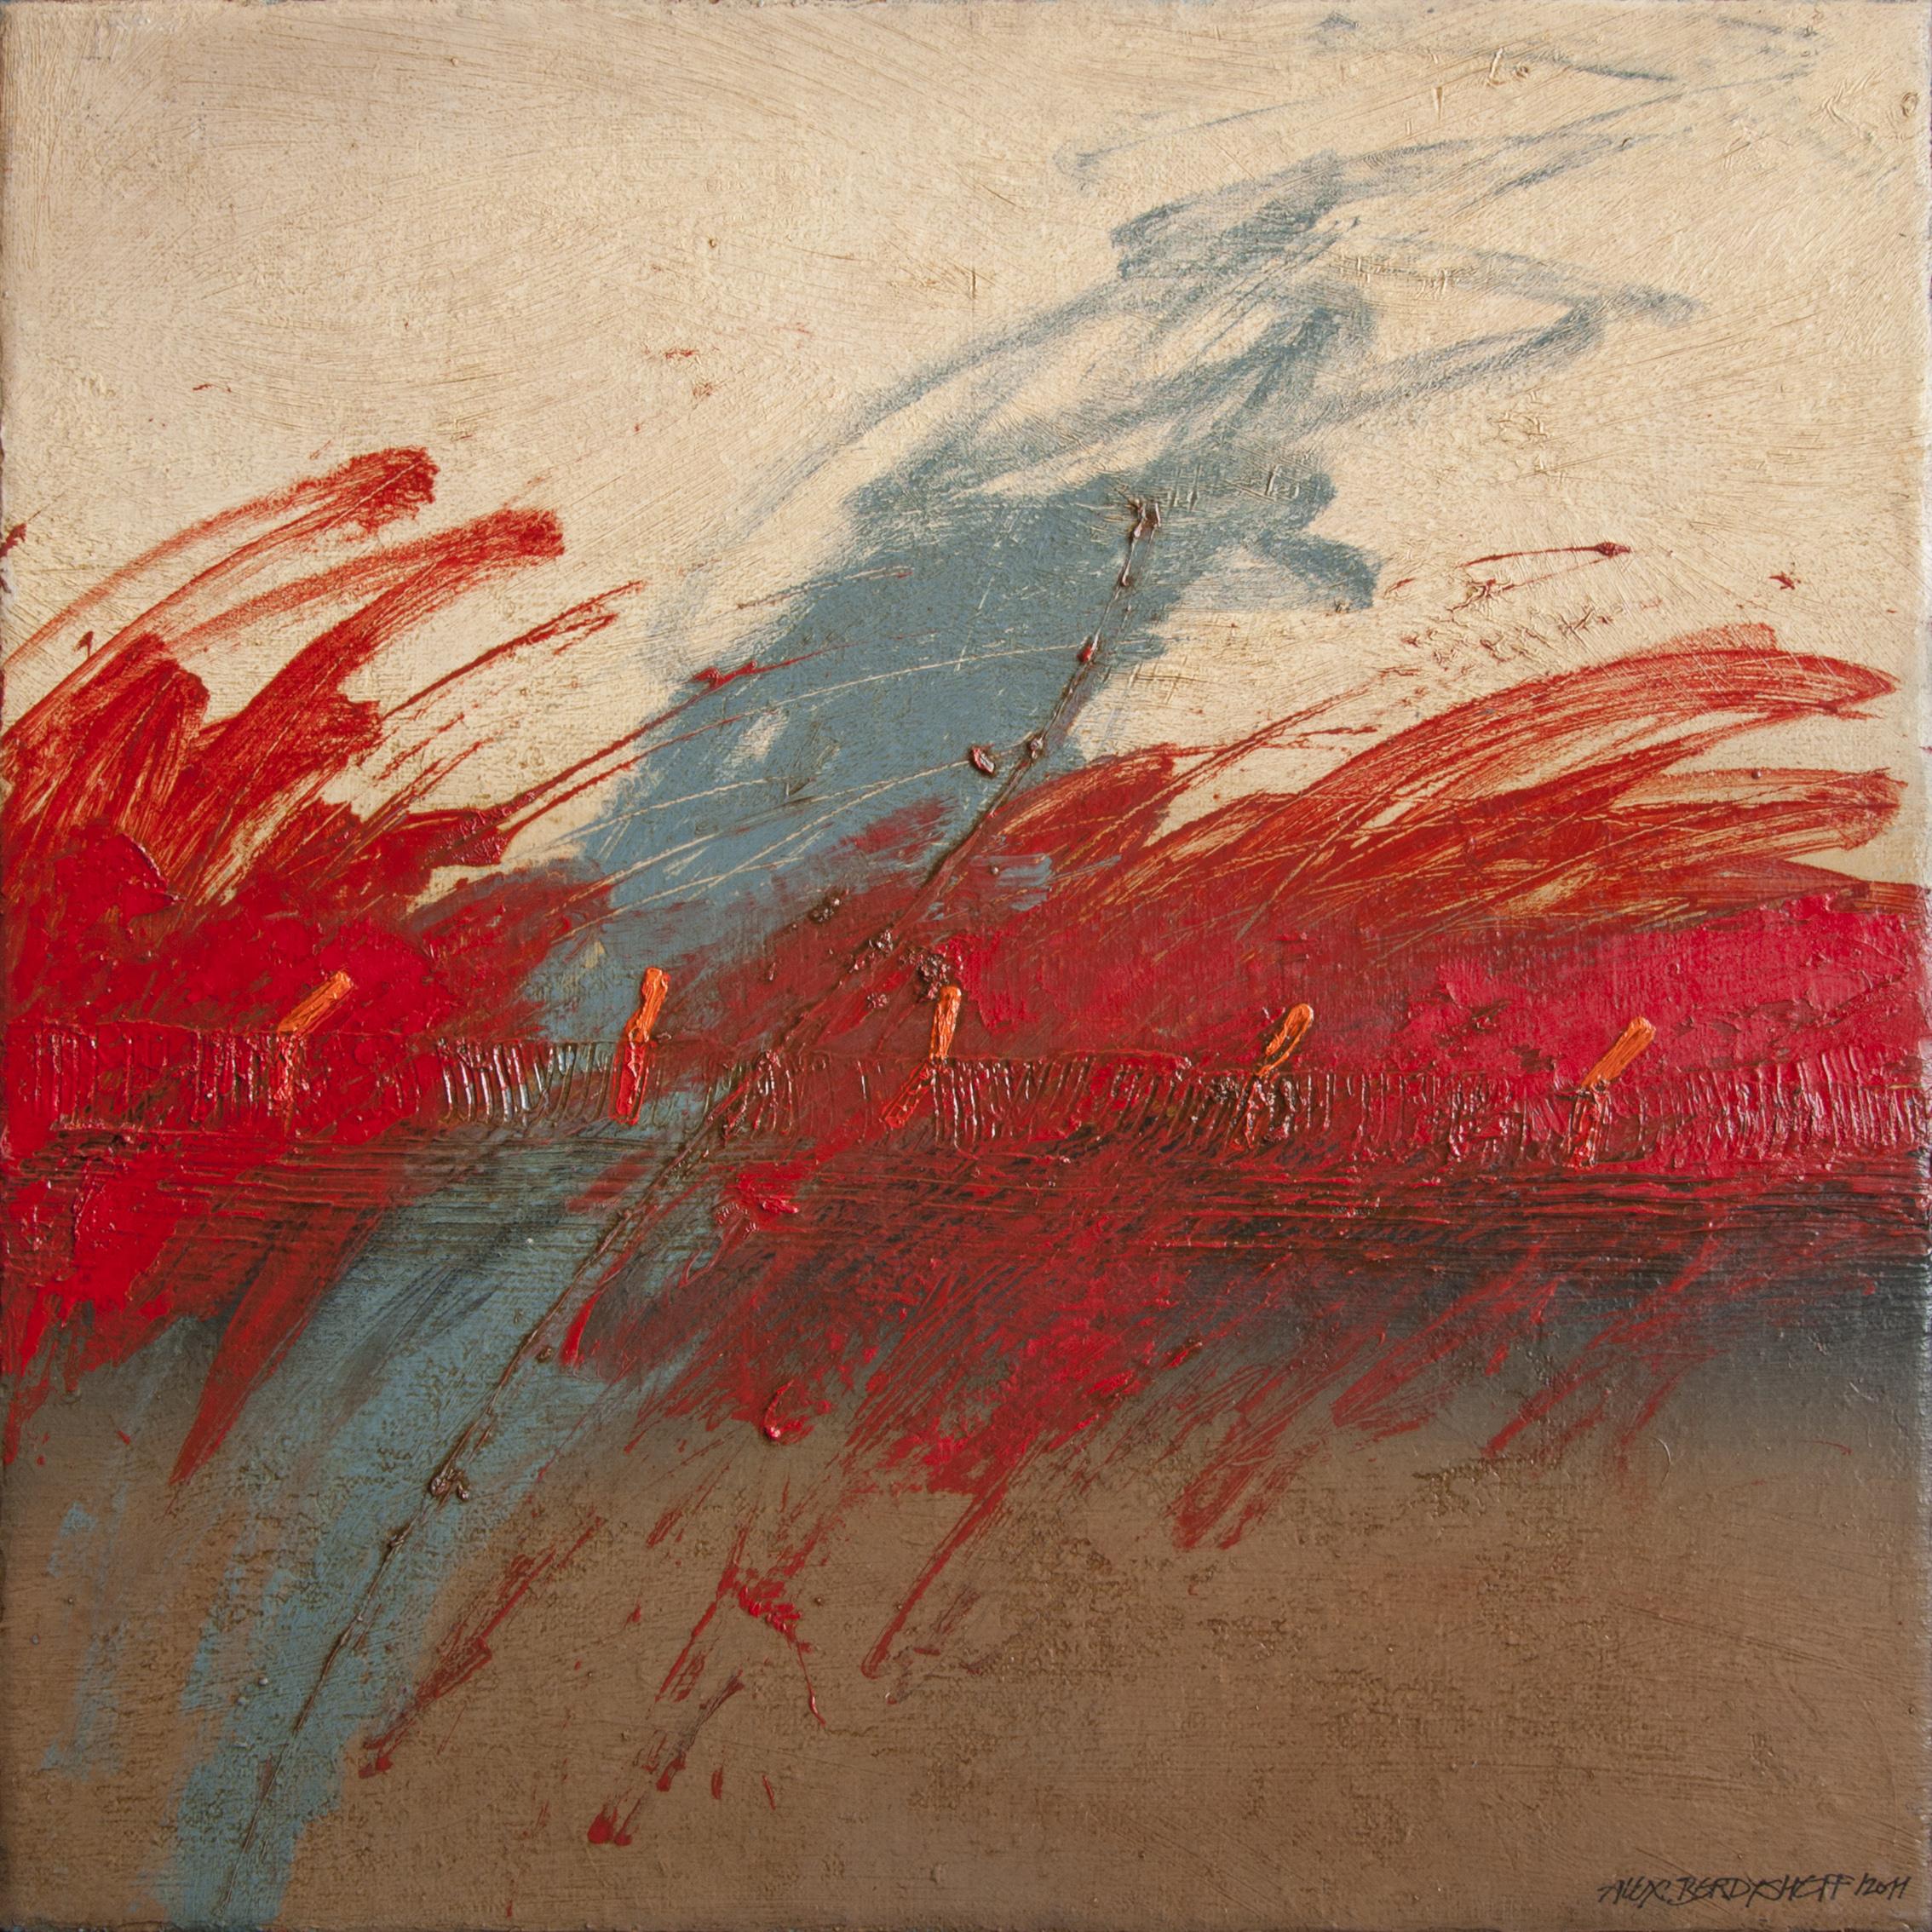 Terra IV, oil on canvas, 46x46 cm, 2011